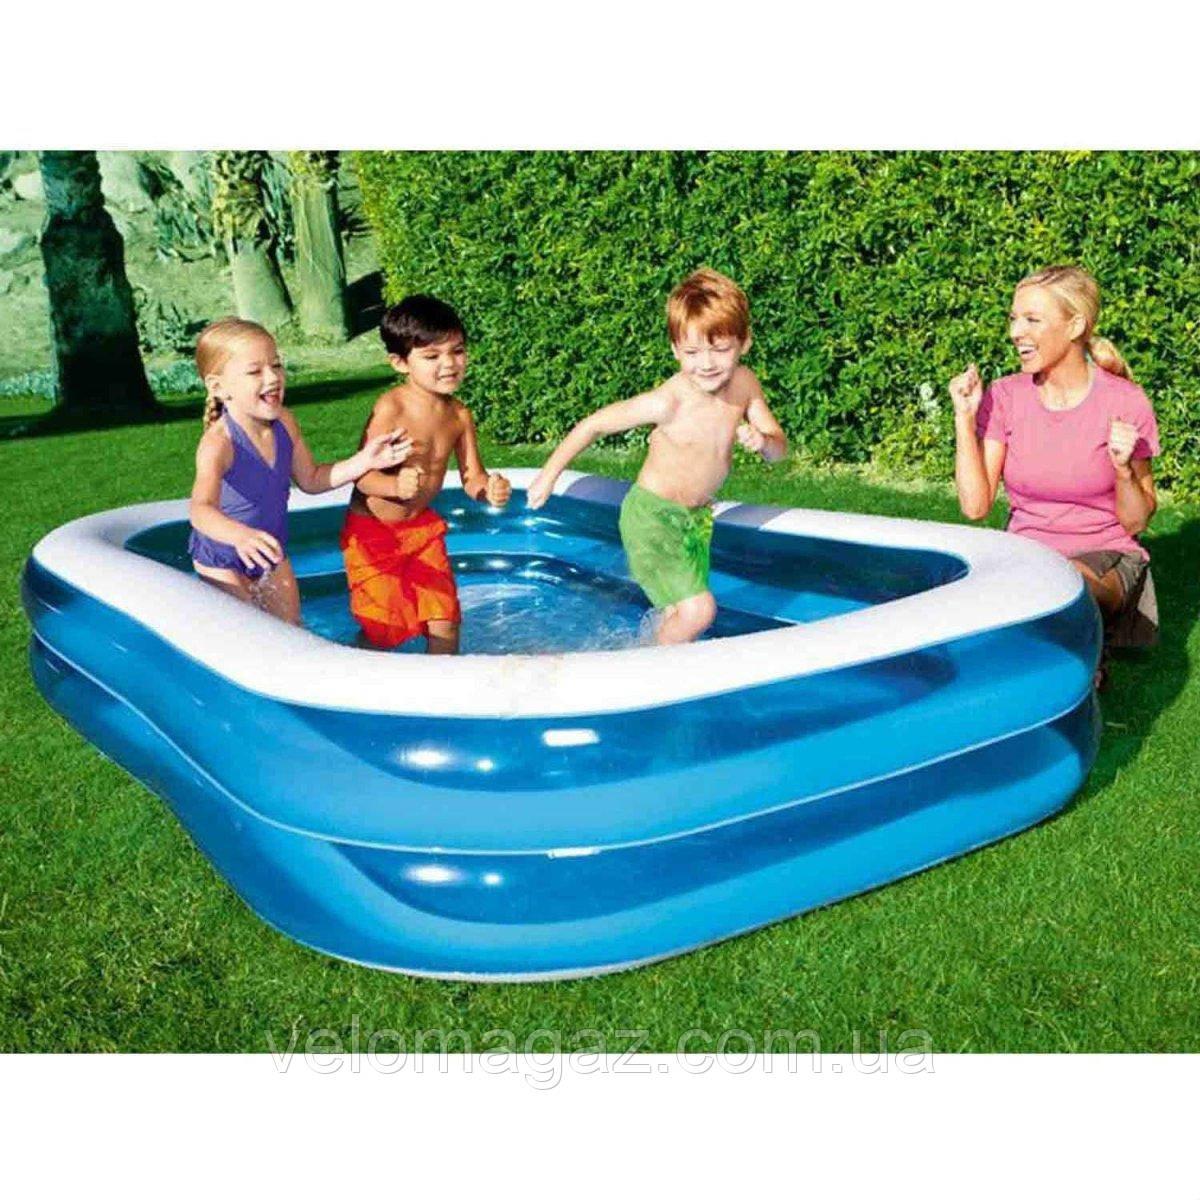 Сімейний надувний басейн 262*175*51 см, Bestway 54006, 2 кільця